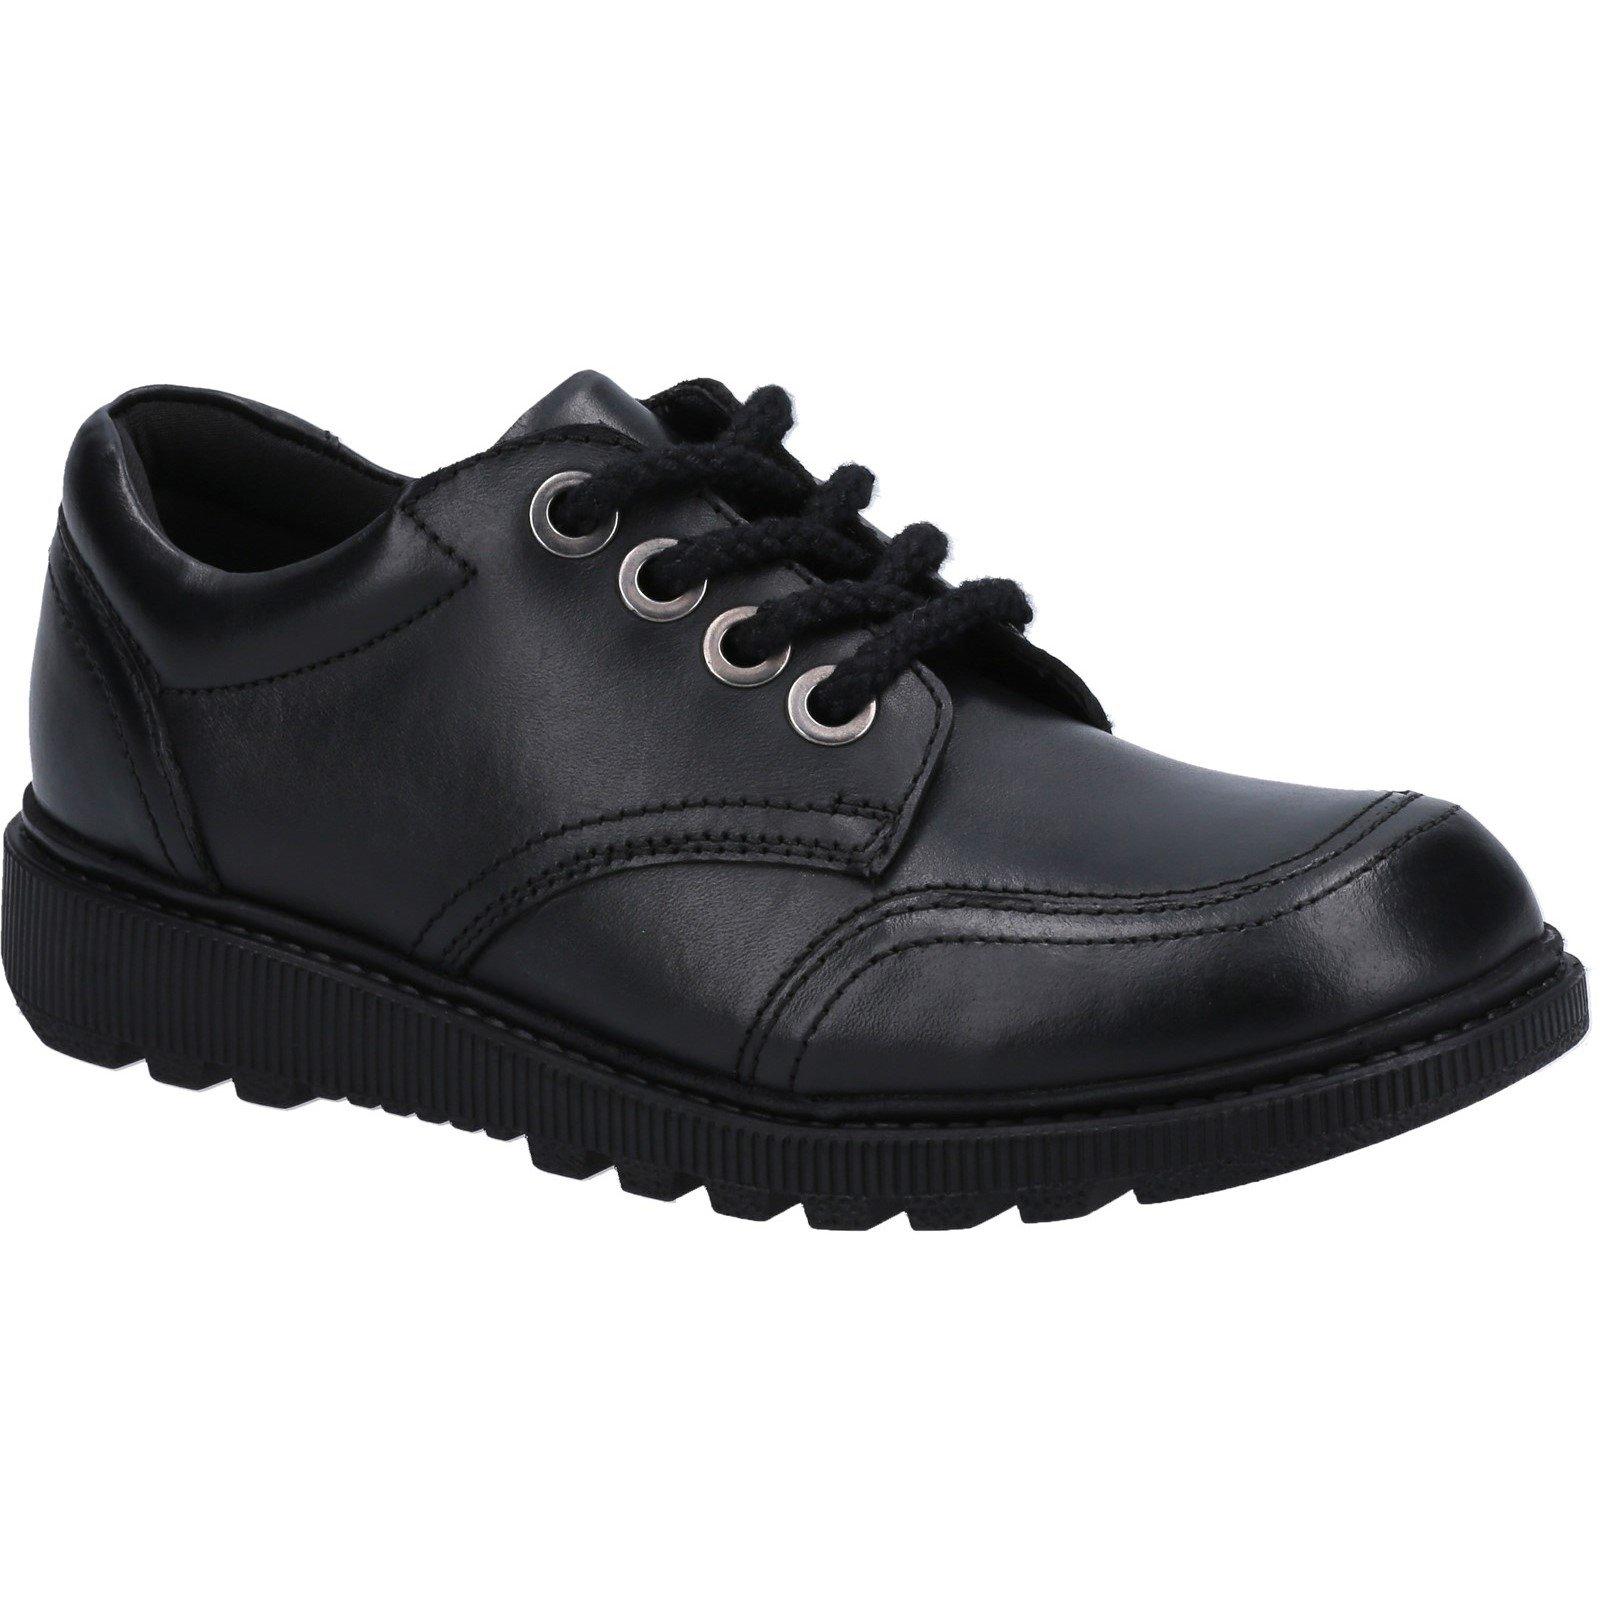 Hush Puppies Kid's Kiera Junior School Shoe Black 30821 - Black 10